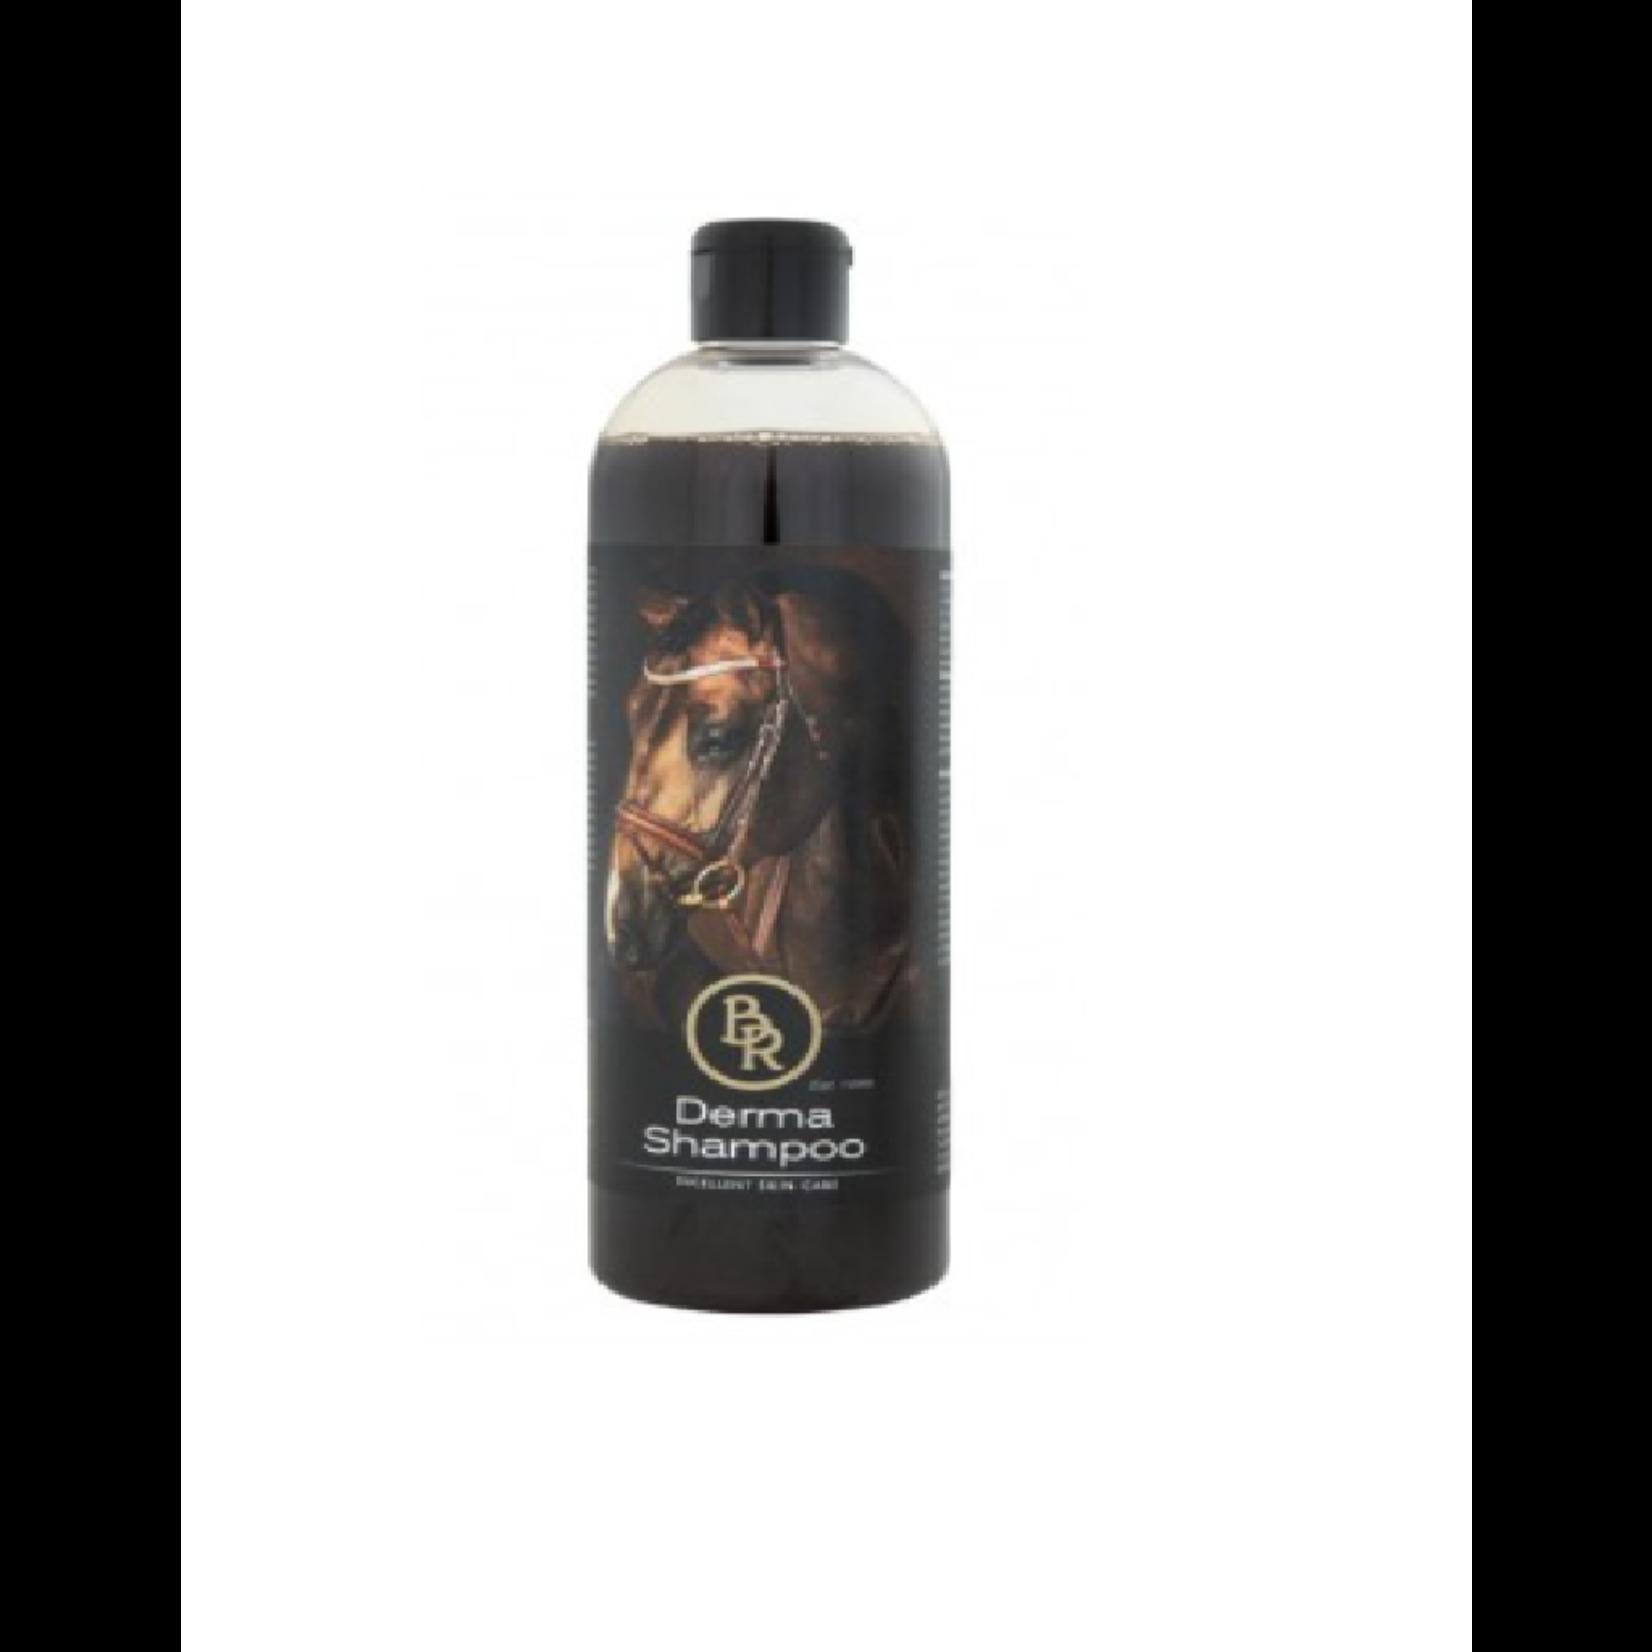 BR BR Derma Shampoo 500ml